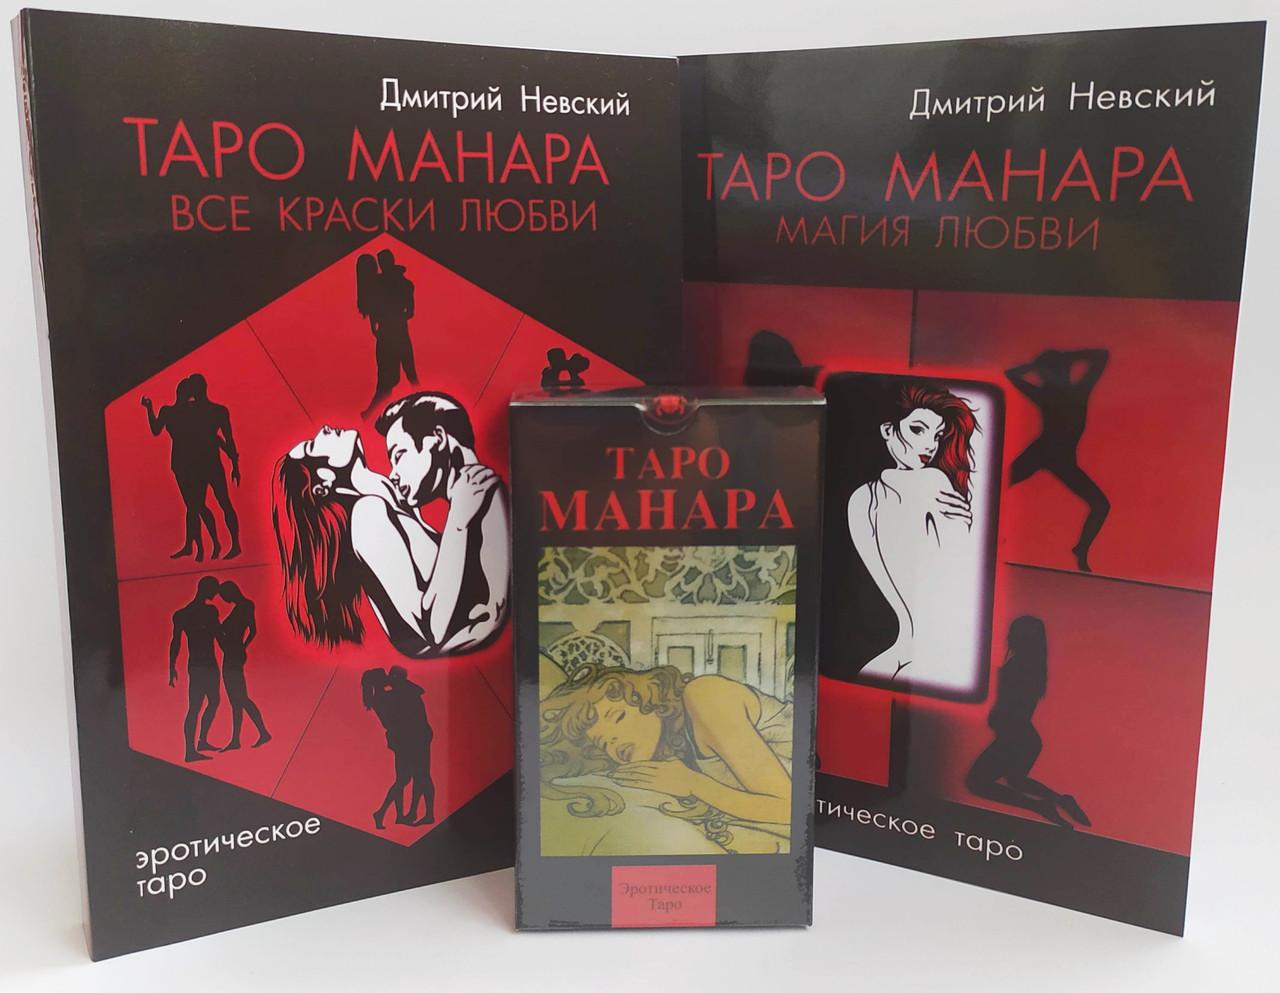 Таро Манара и Две Книги, Магия любви, Все Краски любви ( набор )